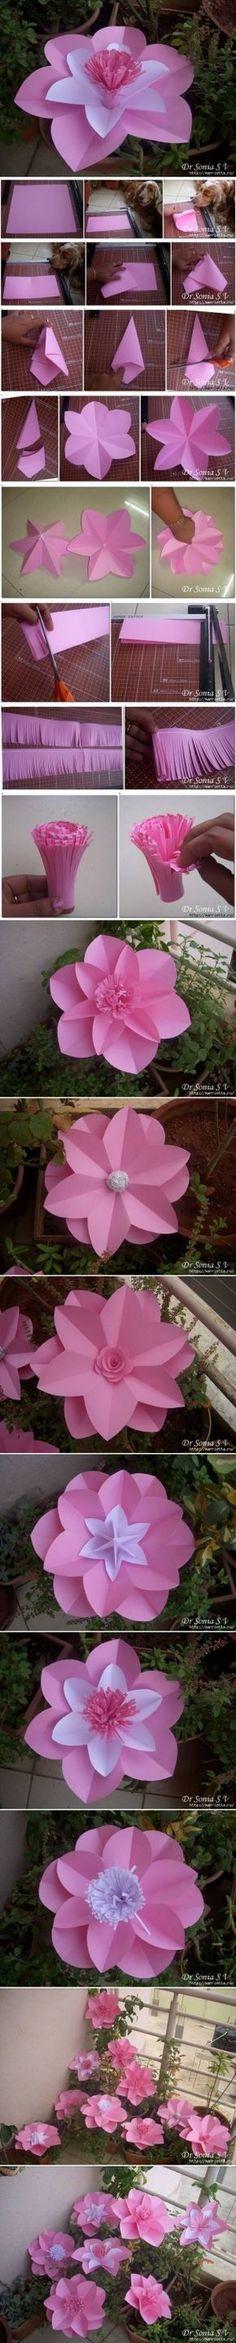 DIY Simple Beautiful Paper Flowers DIY Simple Beautiful Paper Flowers by diyforever